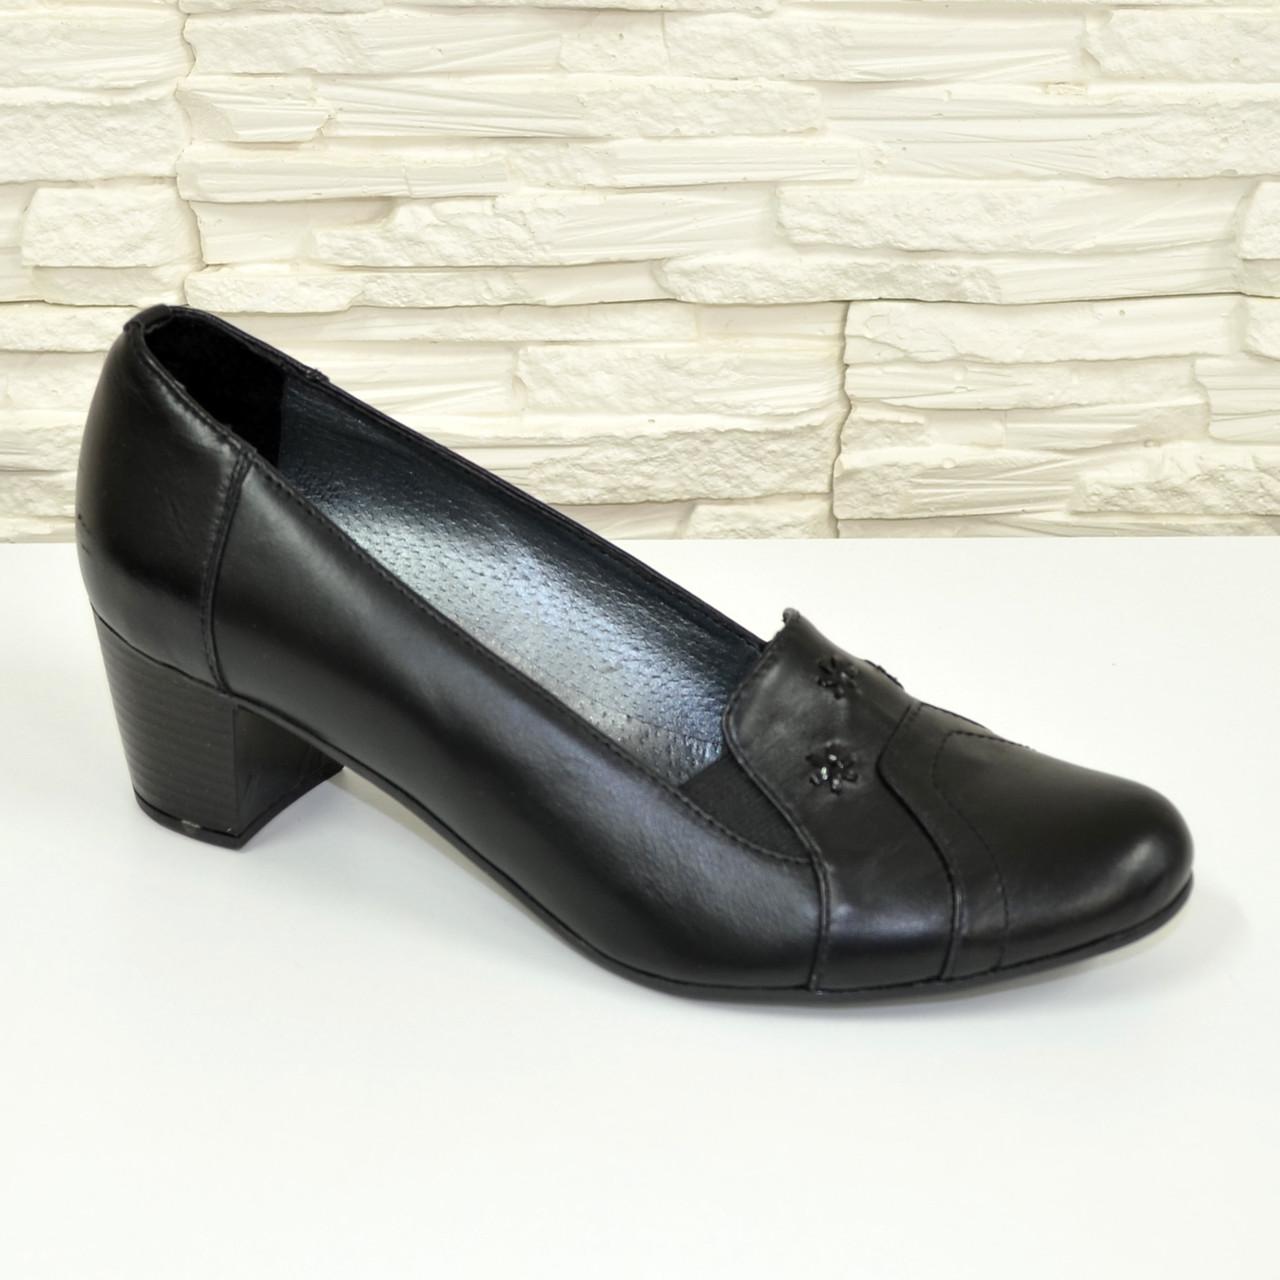 Туфли женские кожаные на каблуке декорированные камнями купить и ... b1537ecbf92